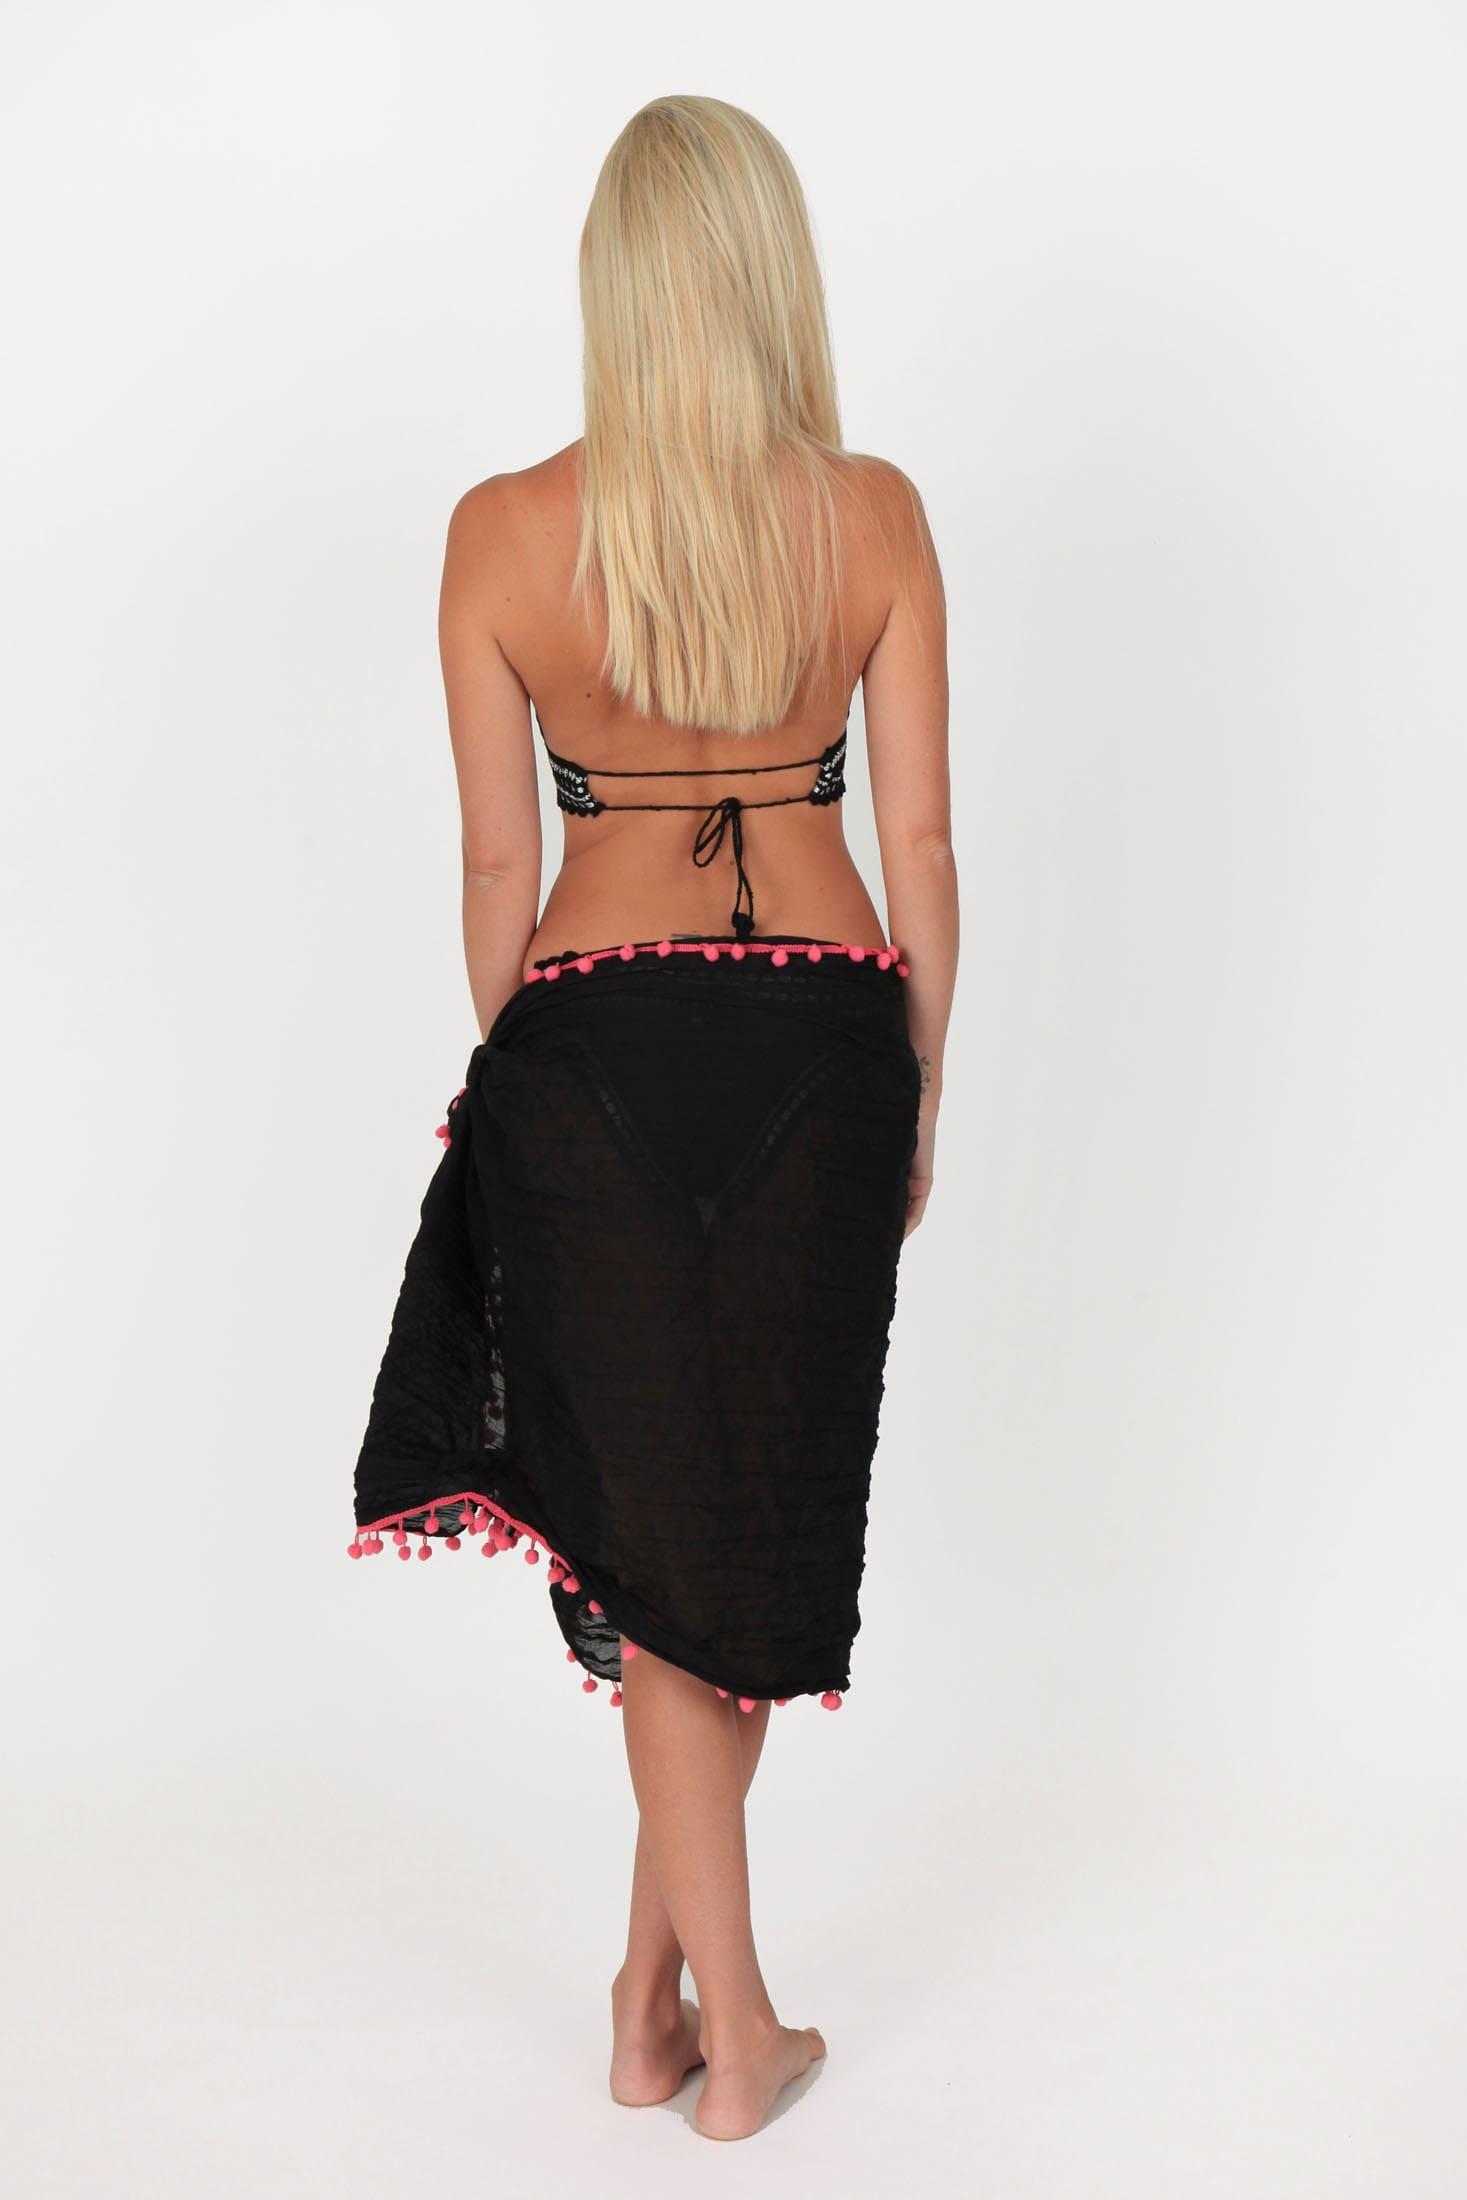 crochet bikini black